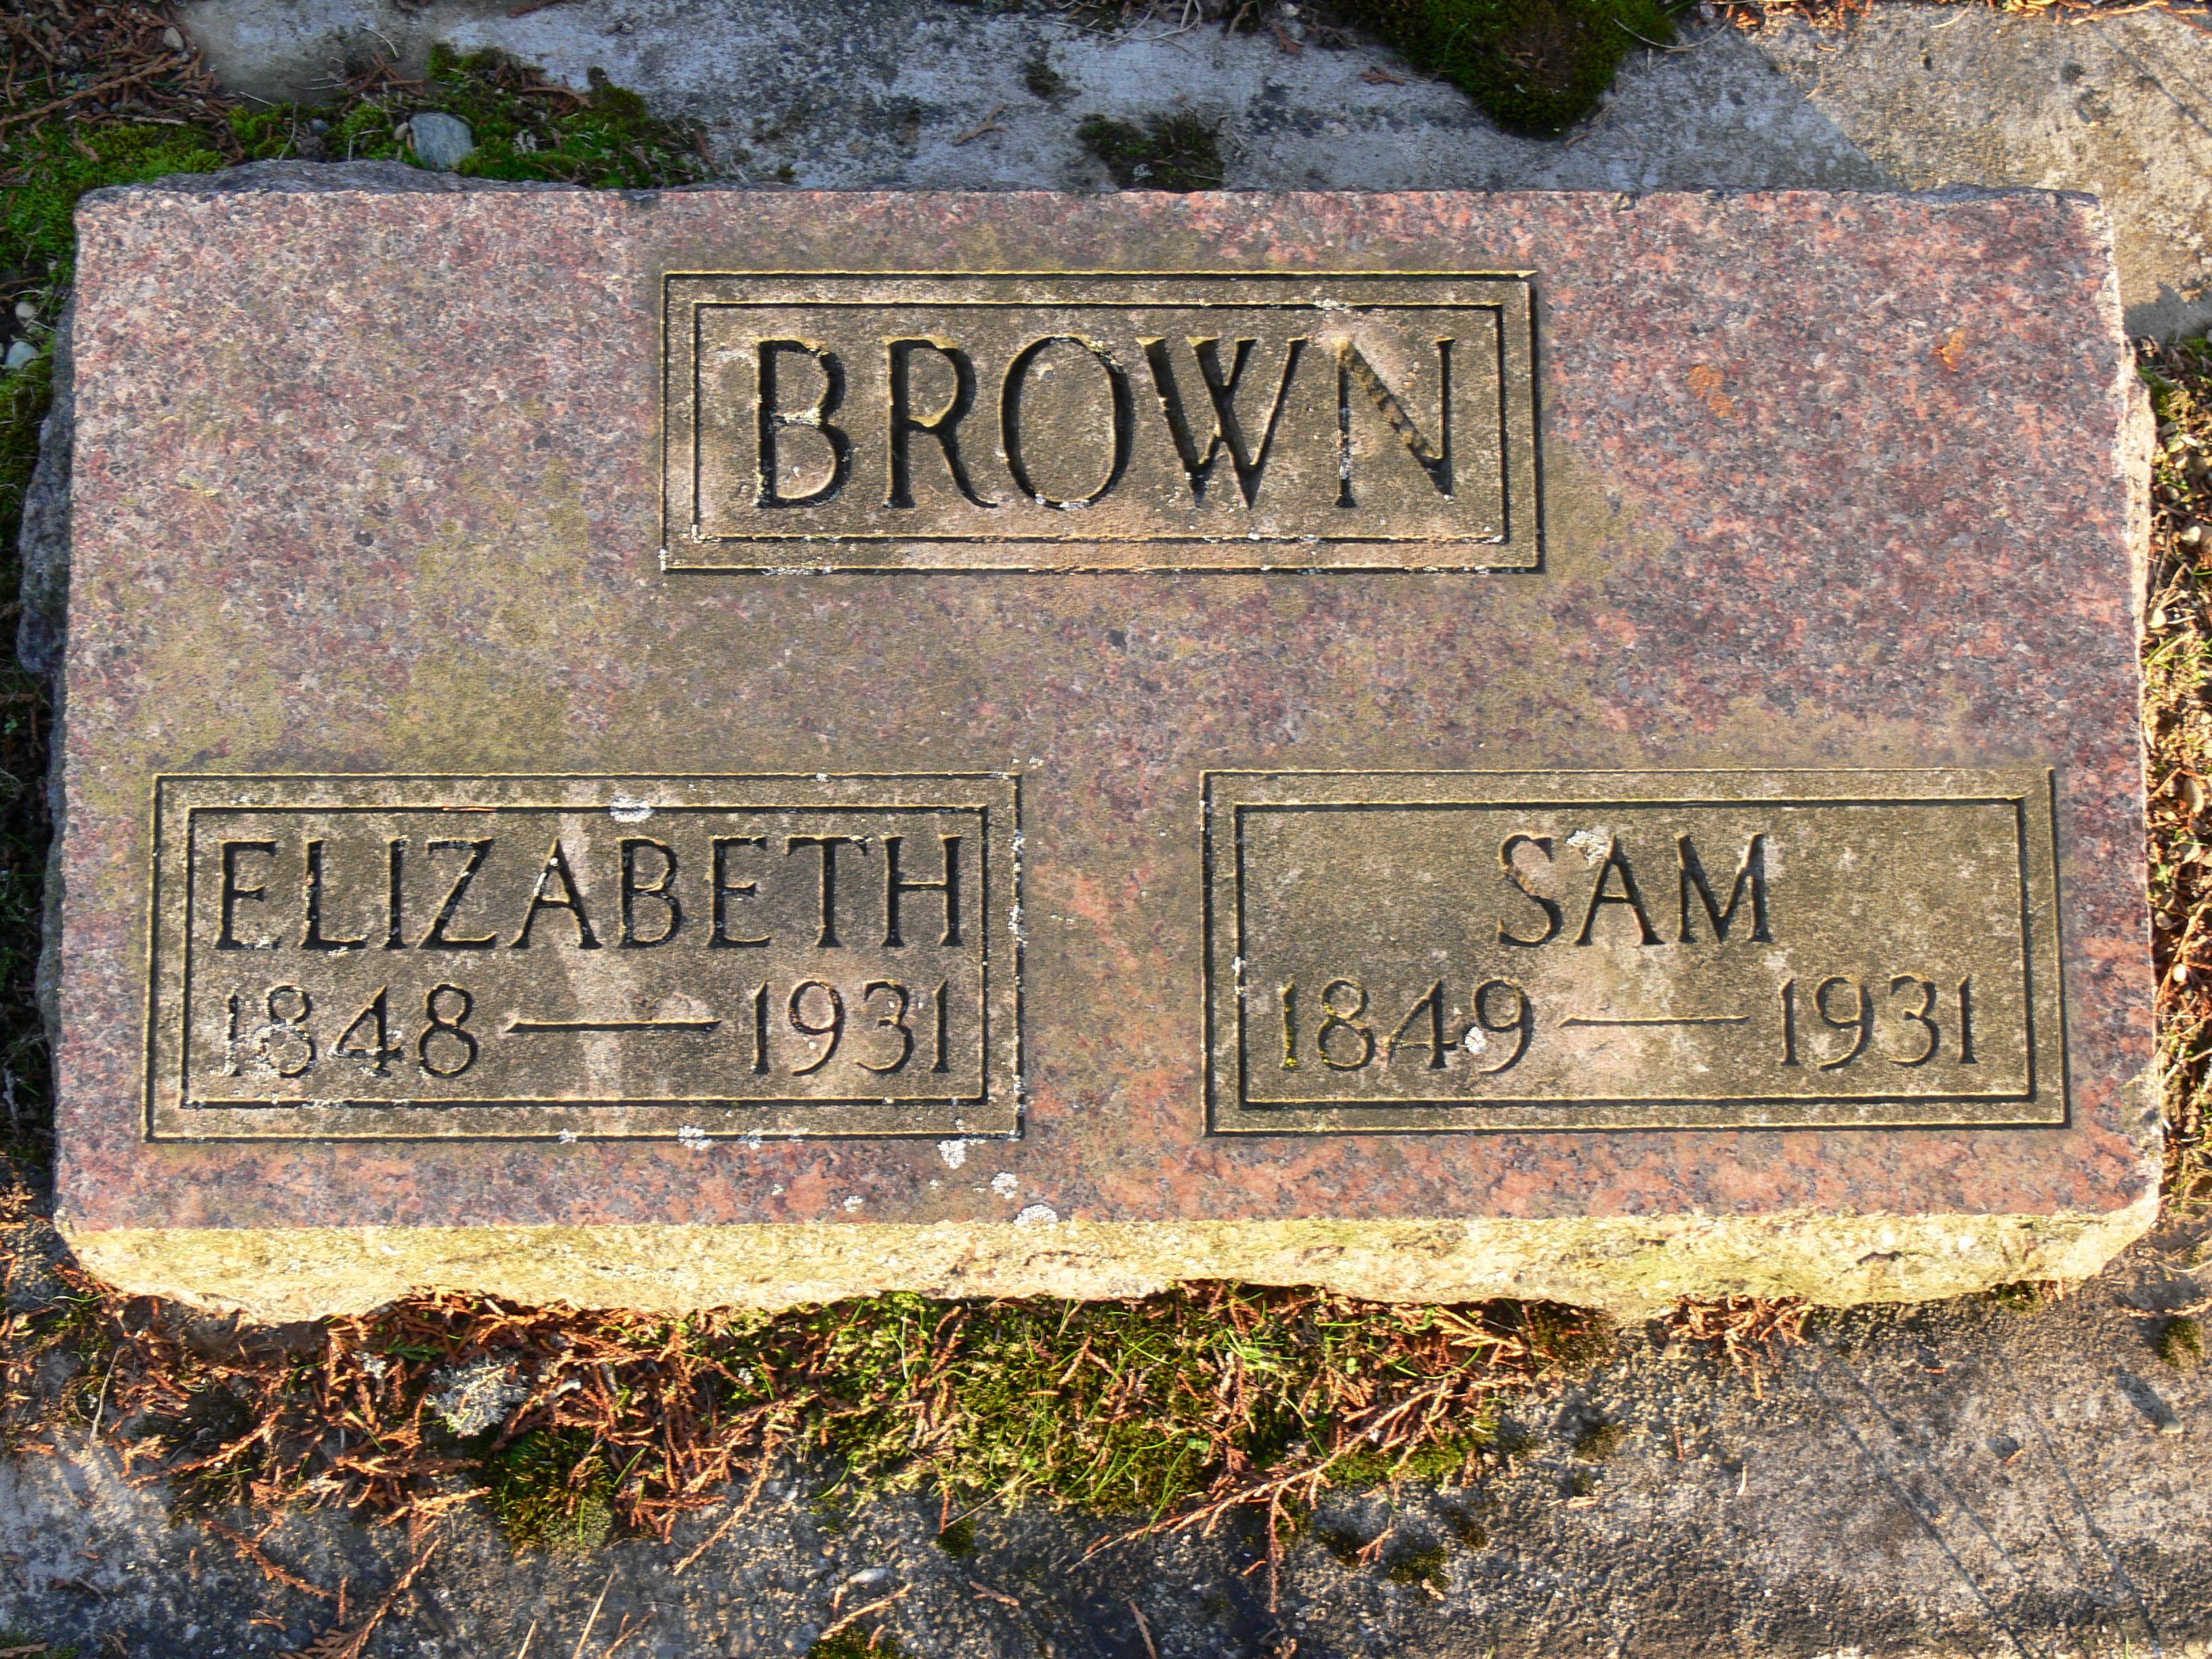 Samuel George Brown